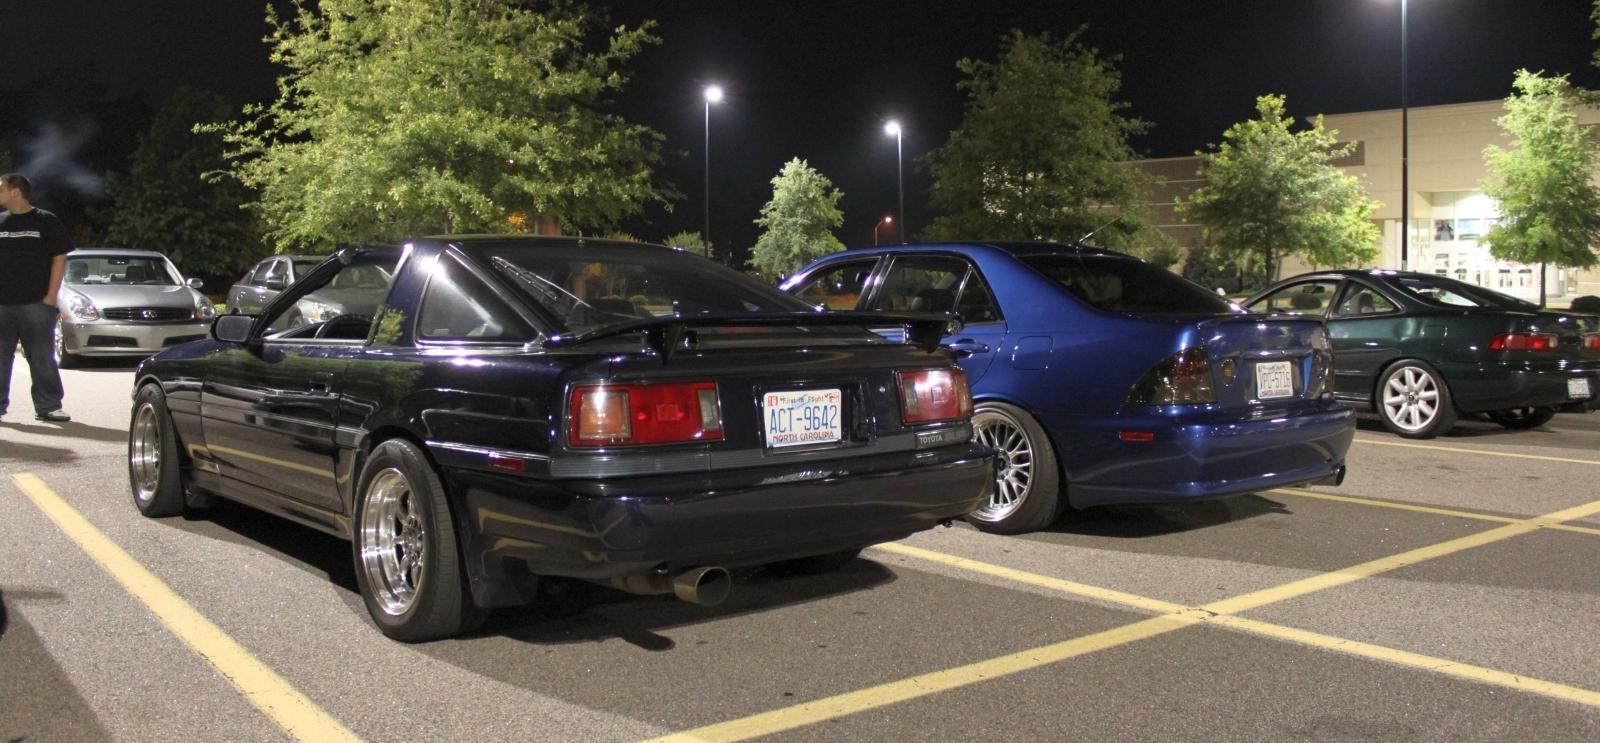 Raleigh Night Photo Shoot, 6/16/11